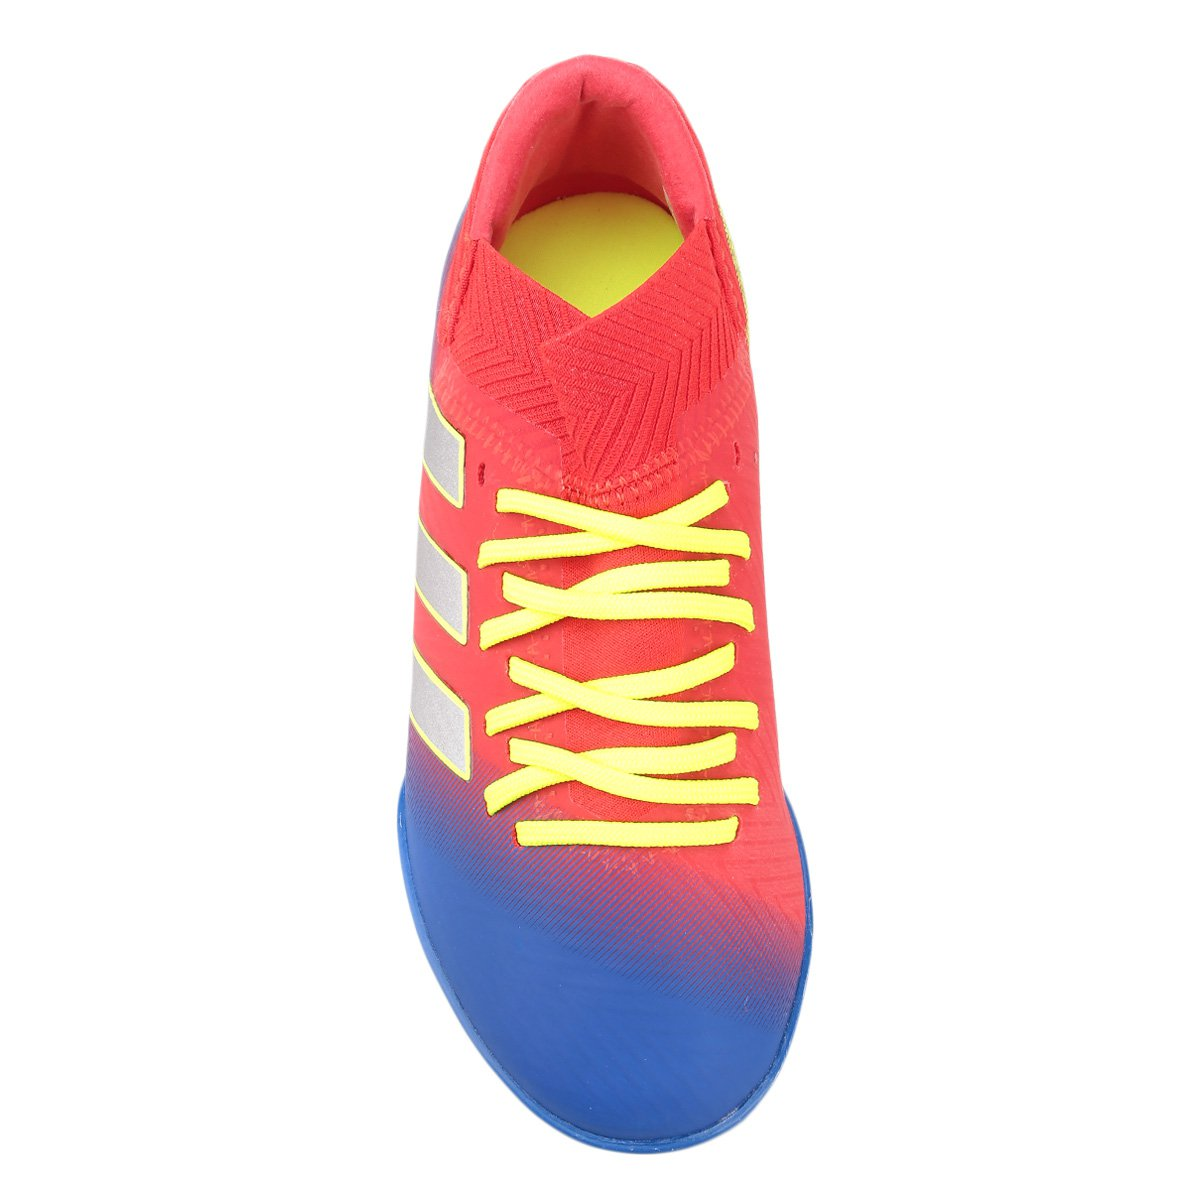 08970e3bd7 Chuteira Society Infantil Adidas Nemeziz Messi 18 3 TF